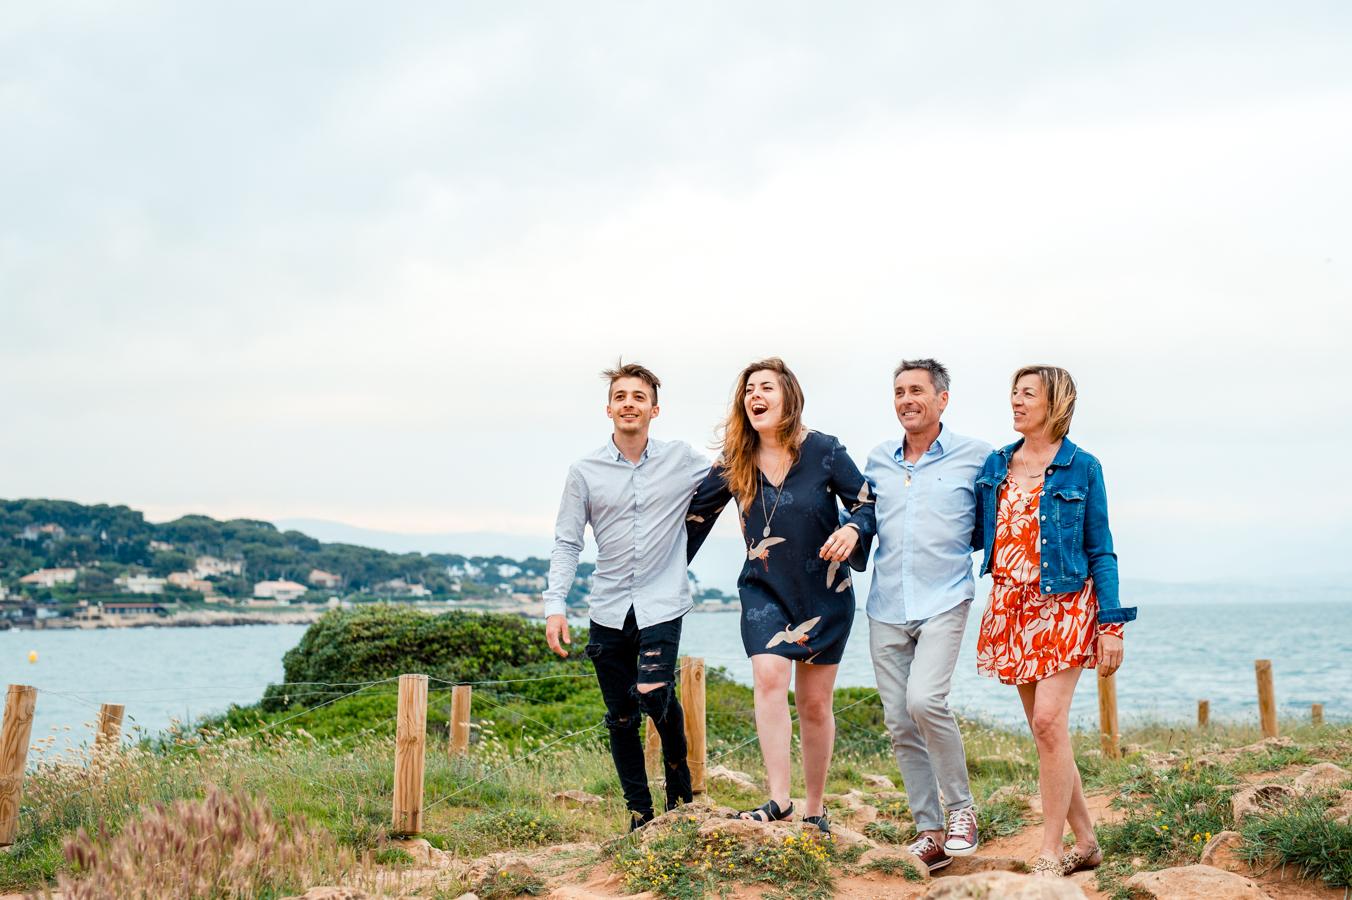 Séance photo de famille au Cap d'Antibes par L'Œil Derrière le Miroir - Family photoshoot